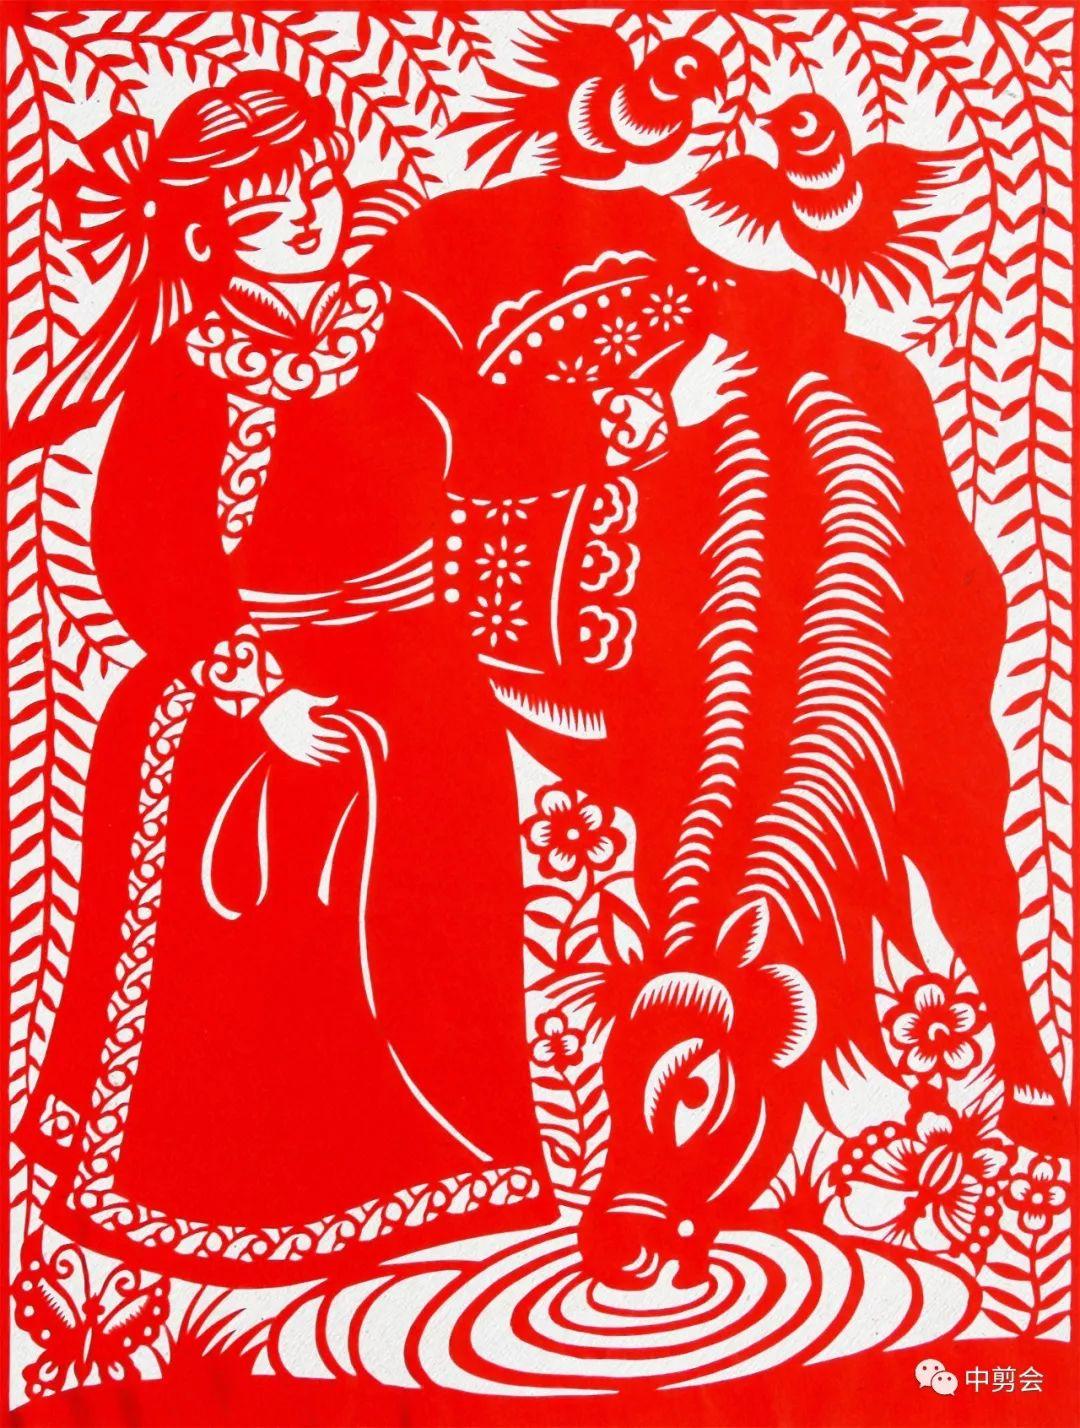 游唱游剪——记荣凤敏与她剪纸艺术中的草原风韵 第26张